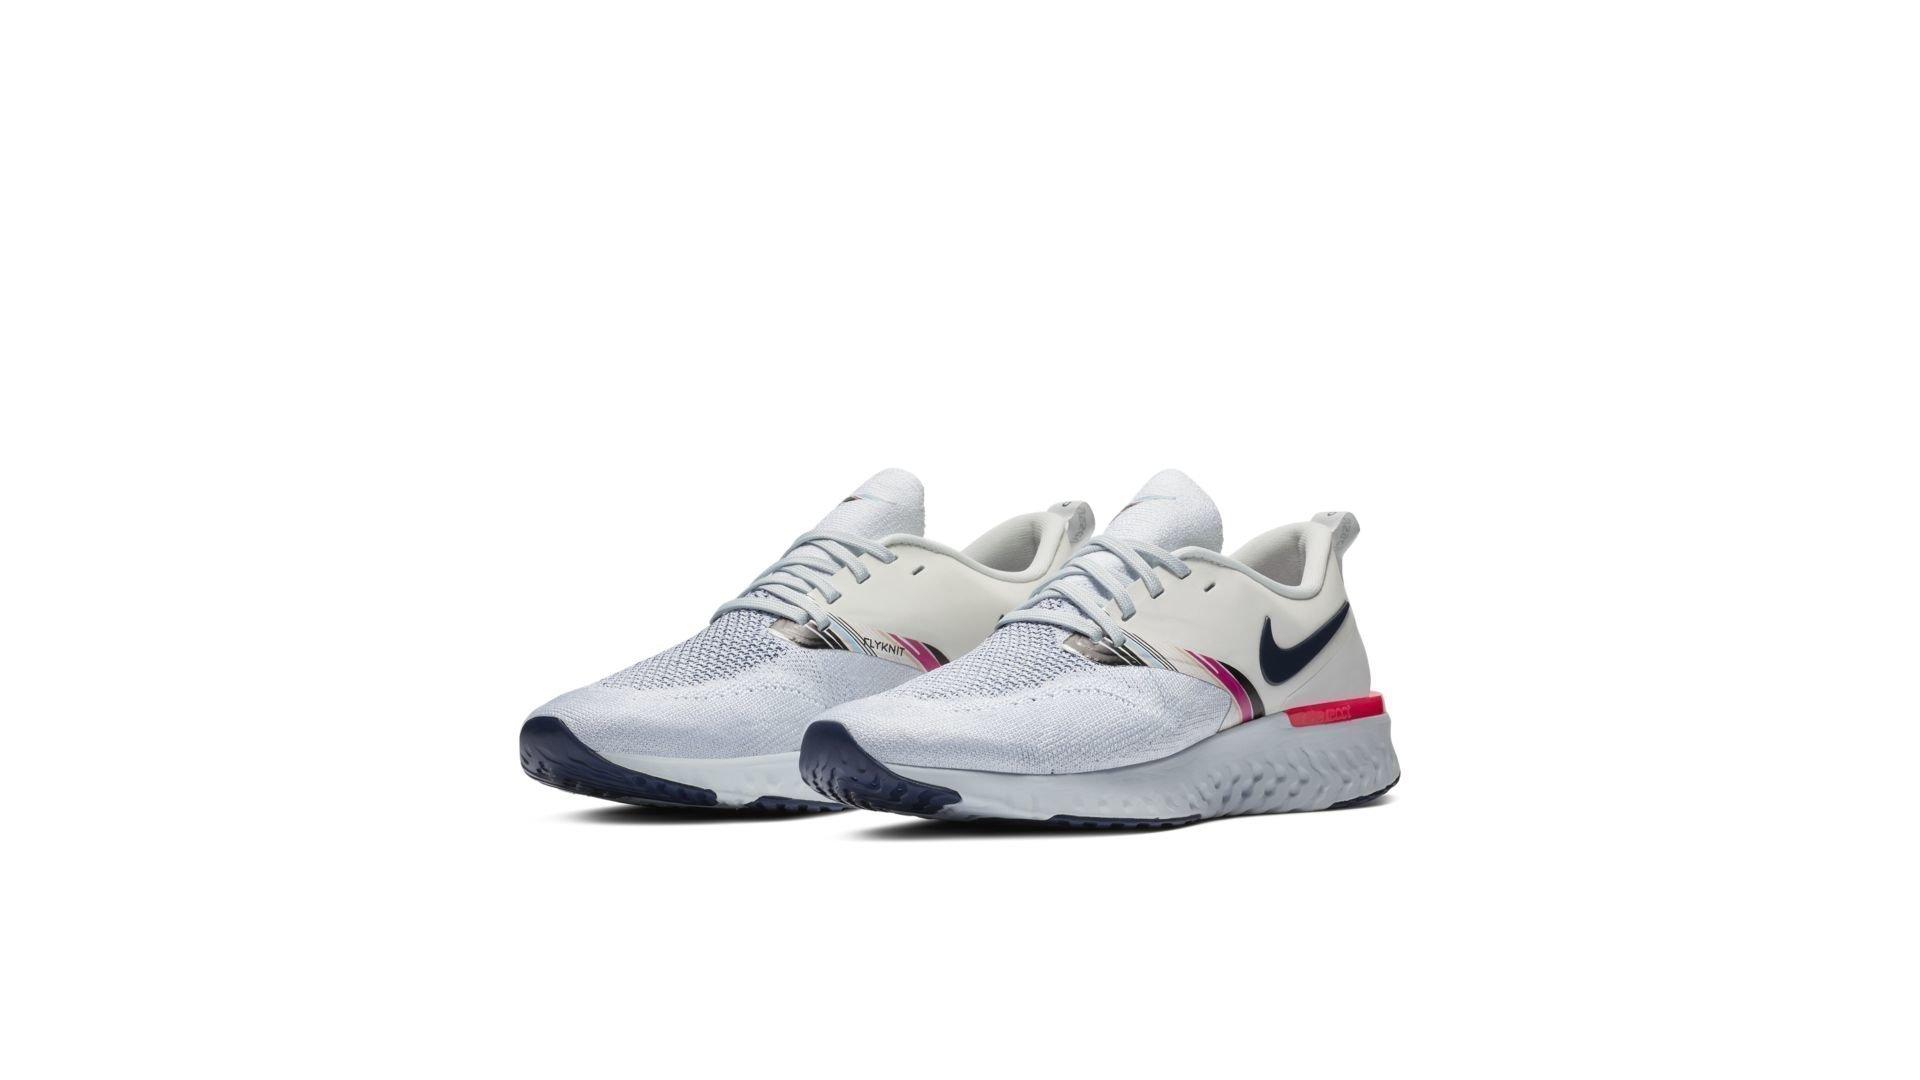 Nike Odyssey React 2 Flyknit White Blue Void Hyper Pink (W) (AV2608-146)